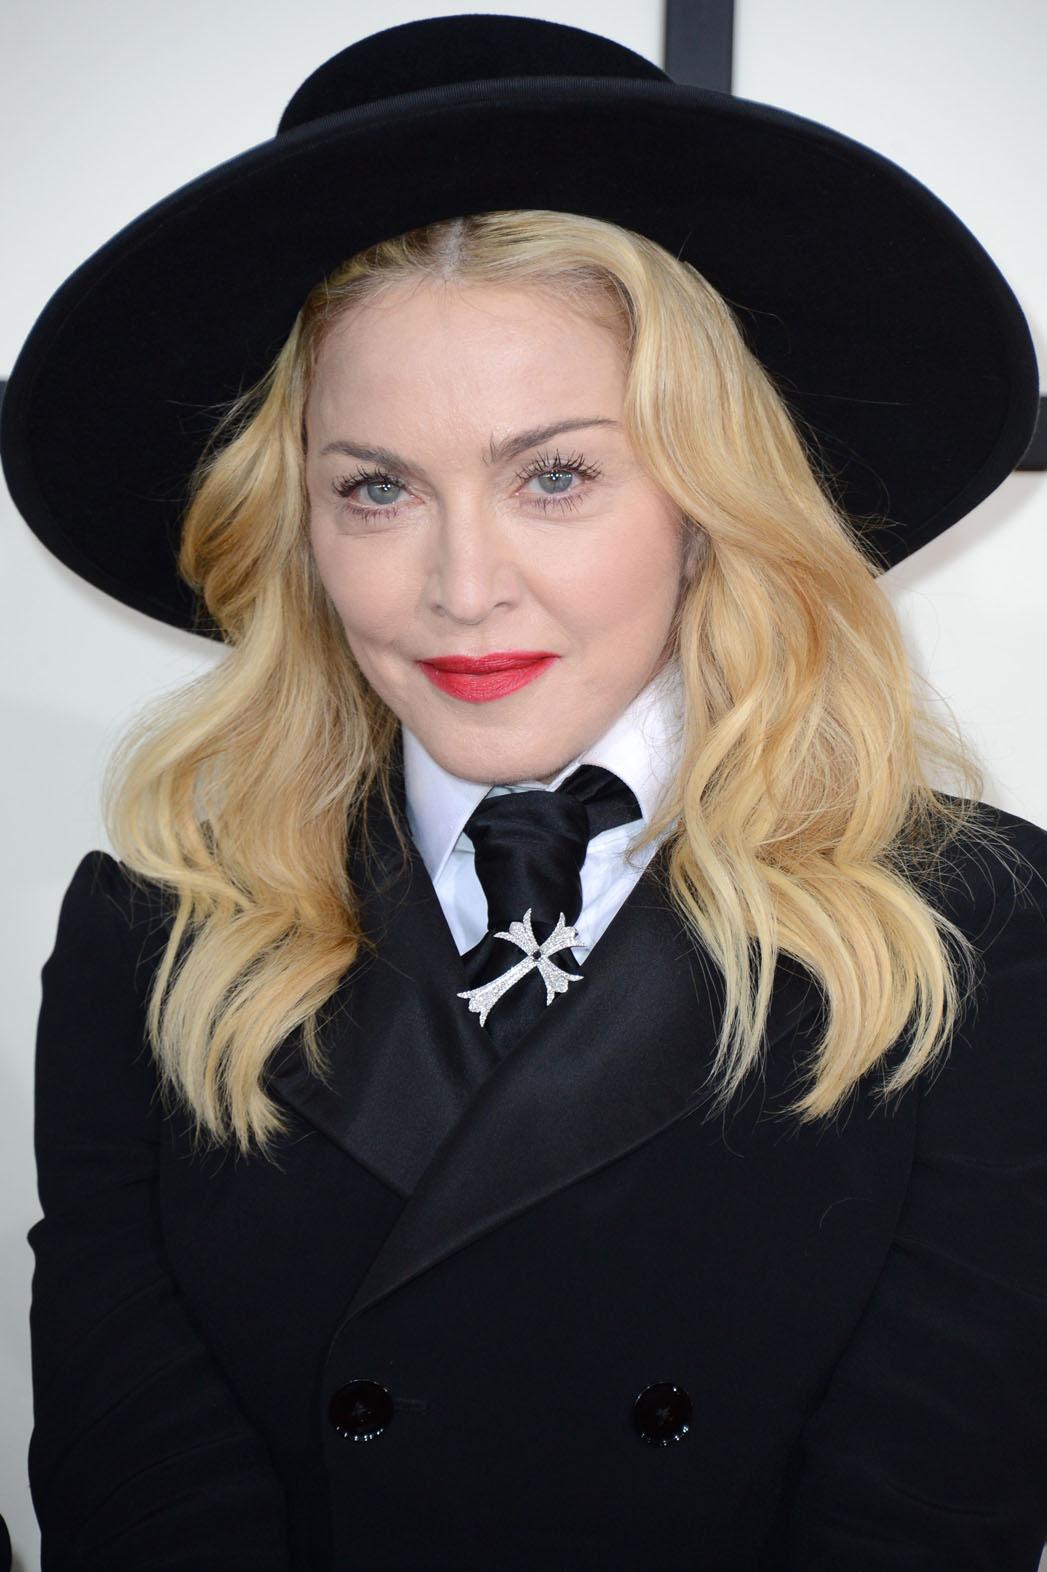 Madonna Grammys Headshot - P 2014